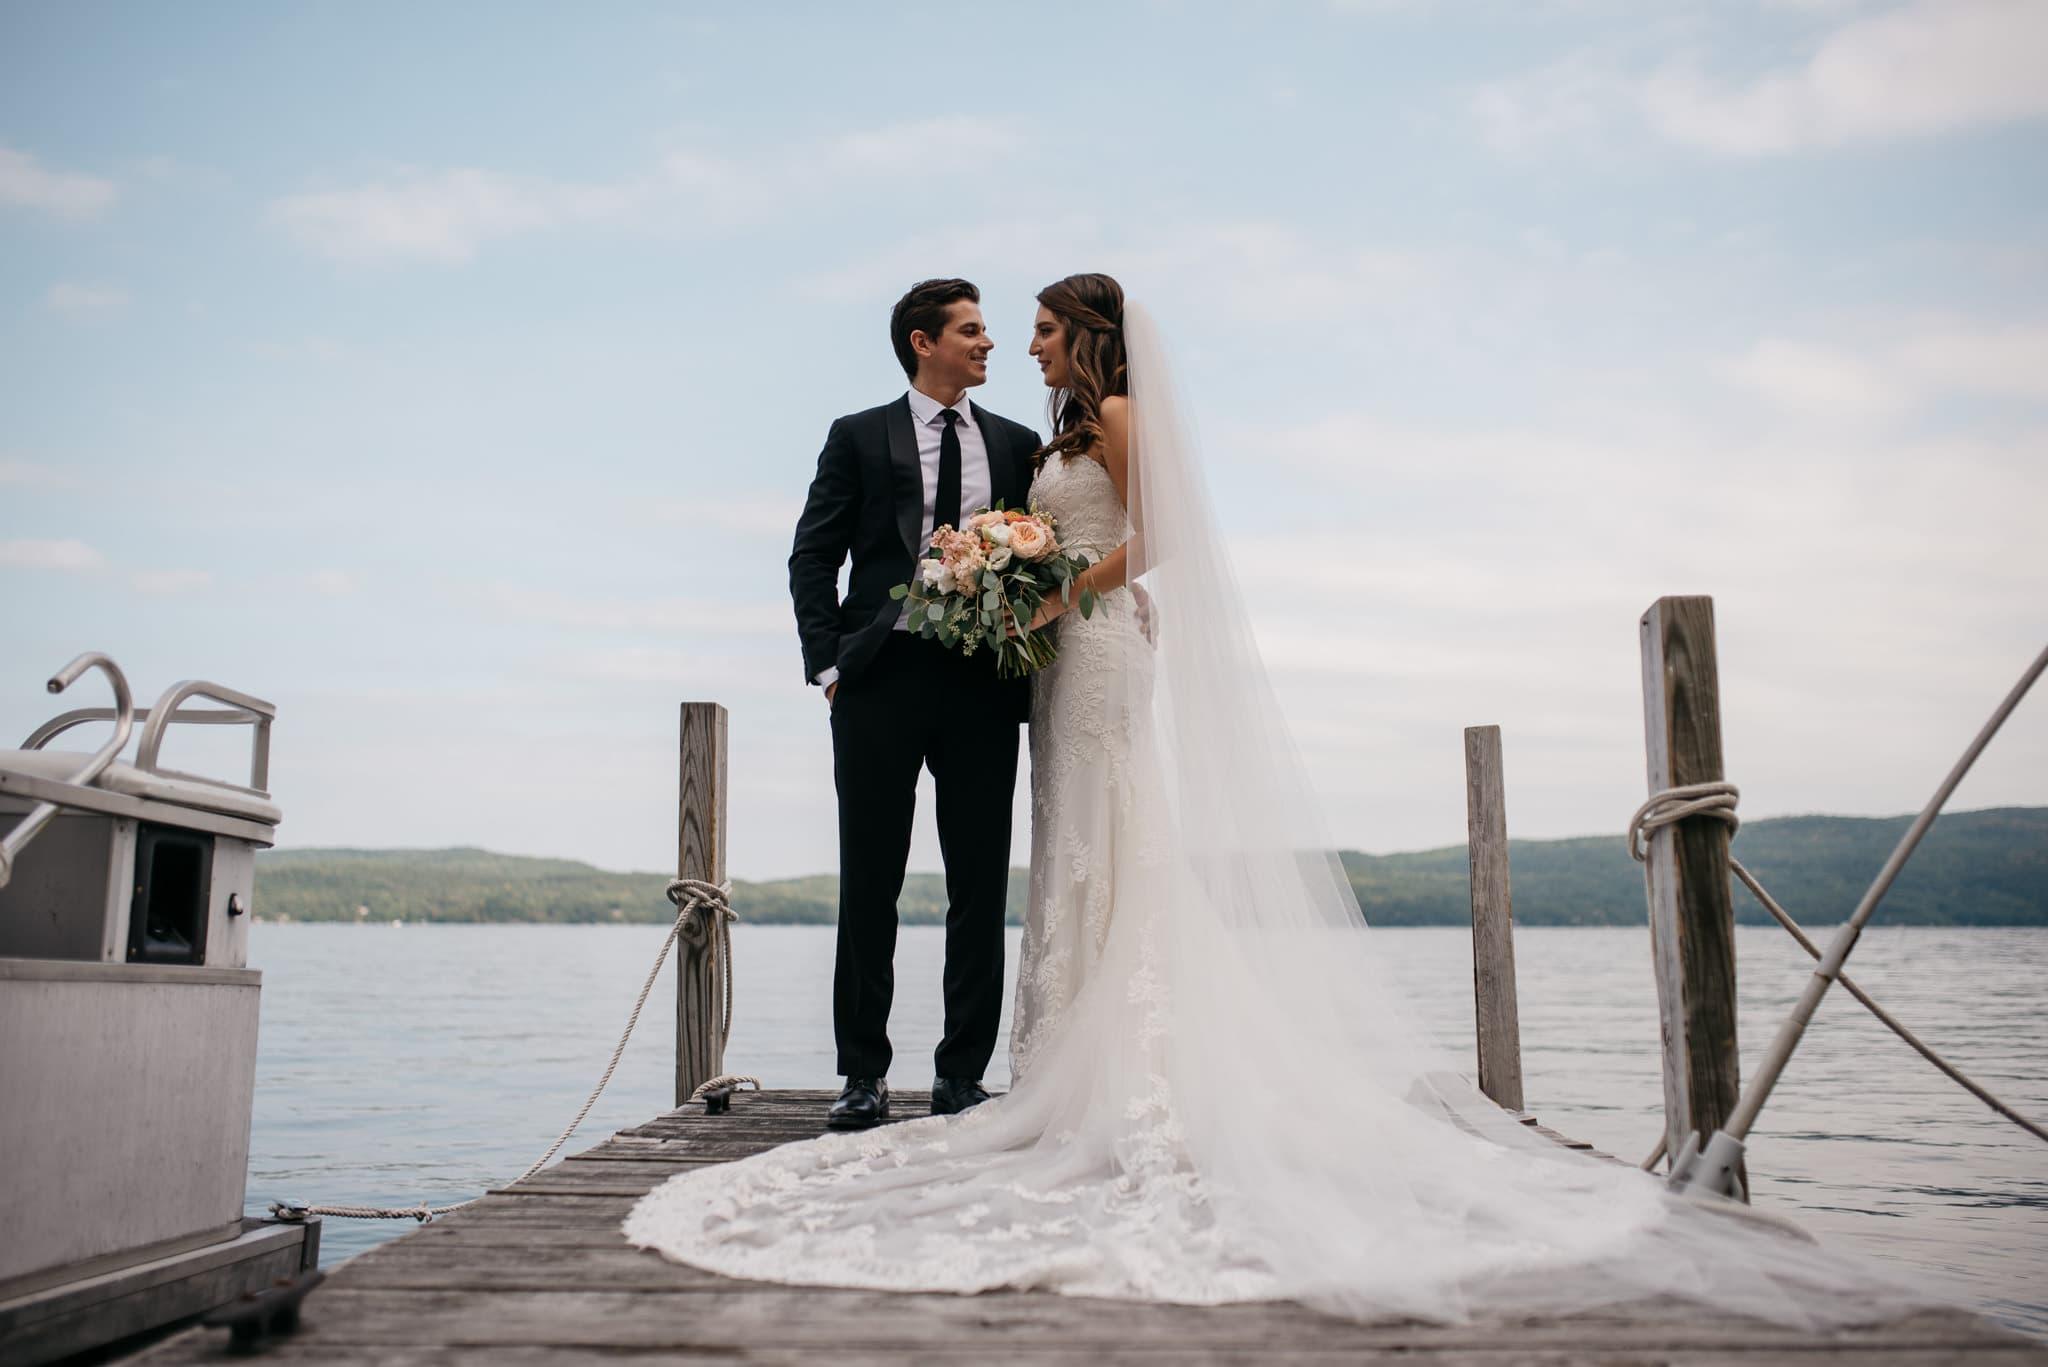 upstate-ny-lake-wedding-13